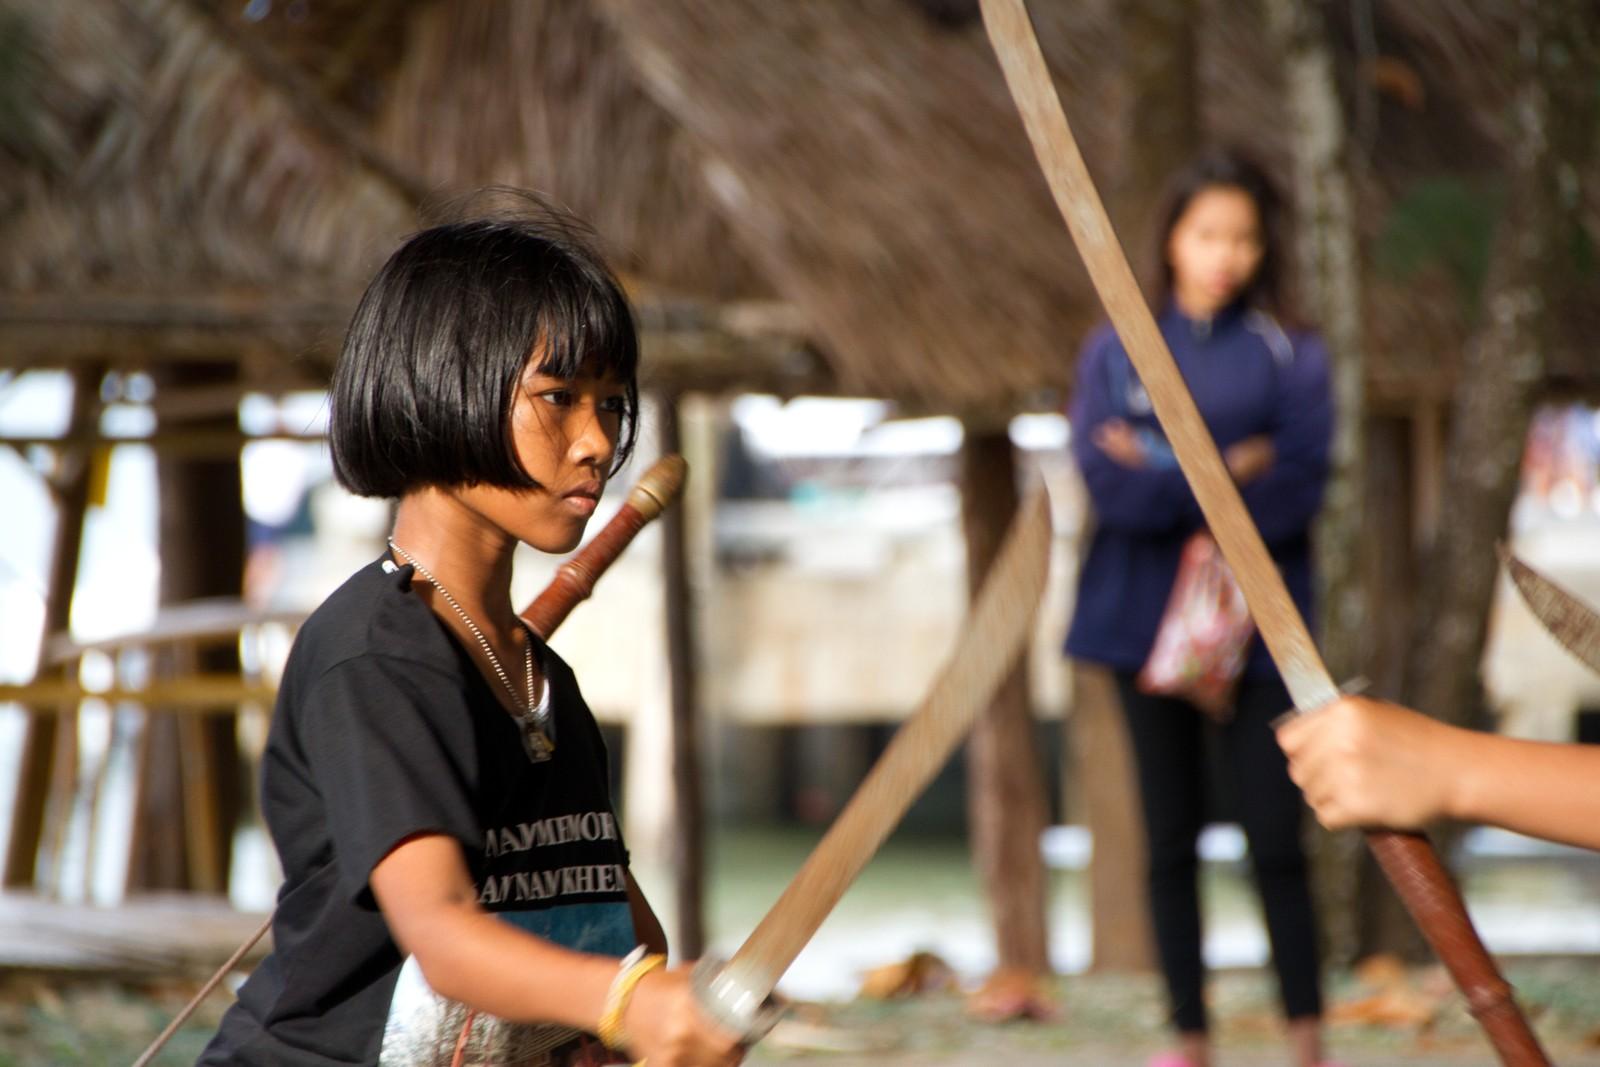 Hun øver for å opptre på minneseremonien 26. desember. Hun var 1 år og 3 måneder da flodbølgekatastrofen rammet Nam Khem, nord for Khao Lak i Thailand.